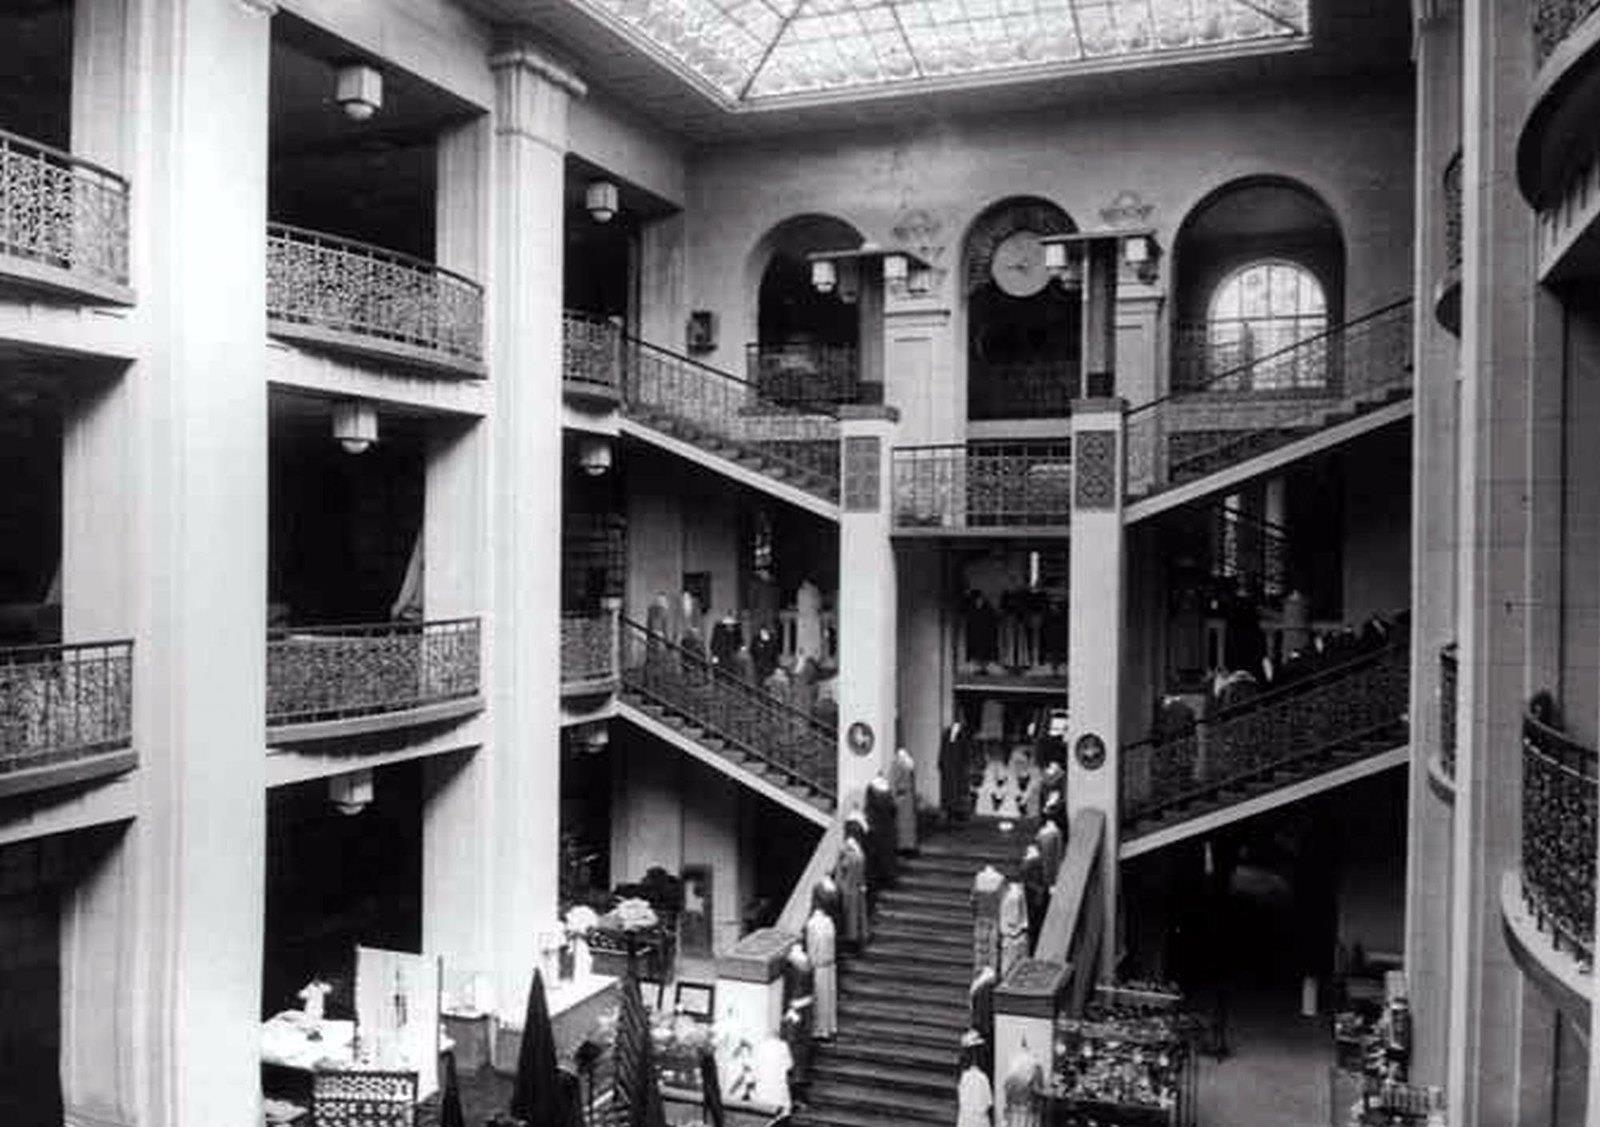 Trgovačka kuća Kastner & Öhler 1920. godine. Kasnije su postali Nama.